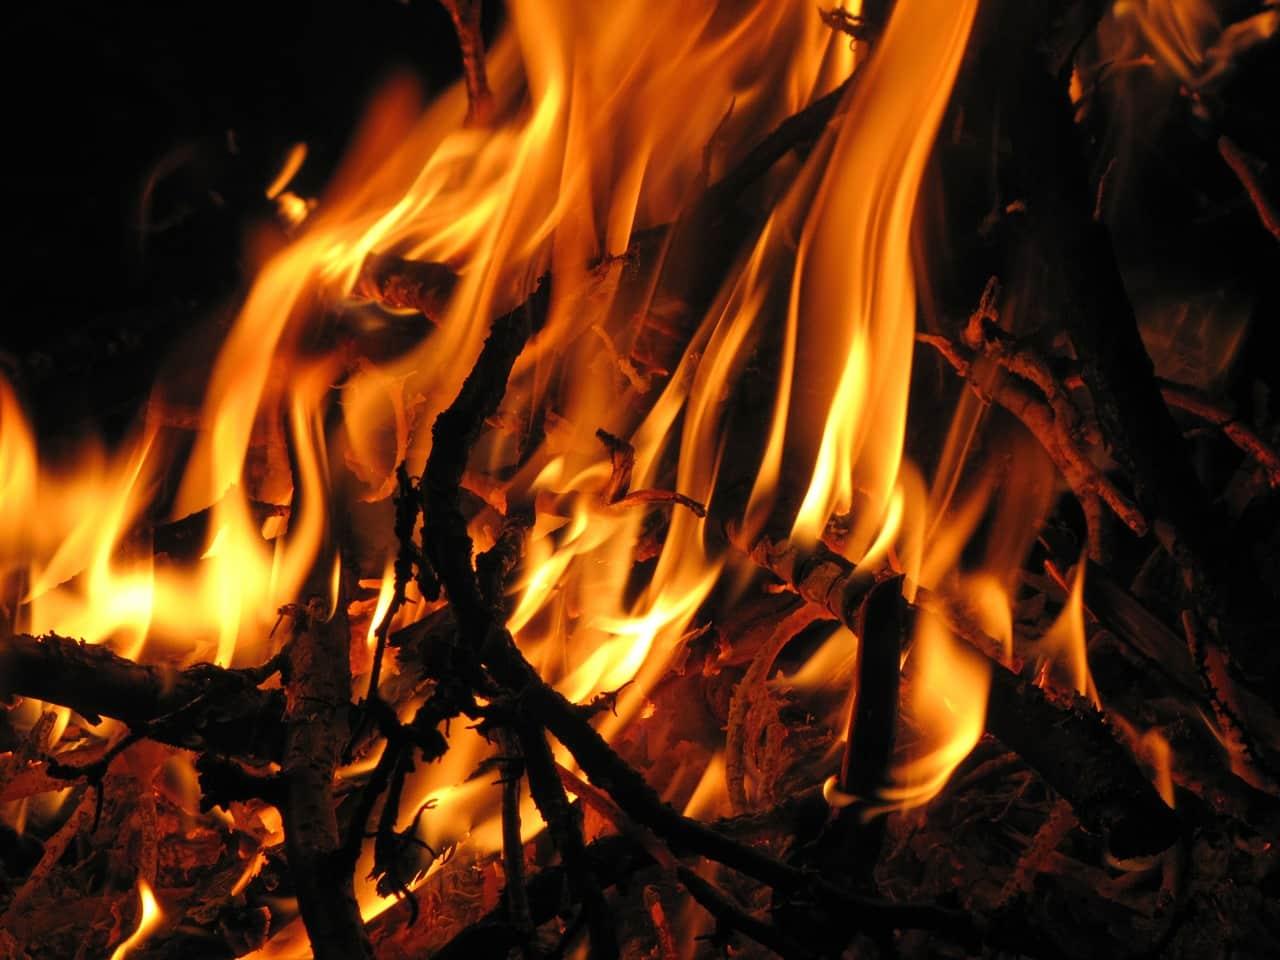 Beziehung ohne Liebe wieder zu brennen gebracht